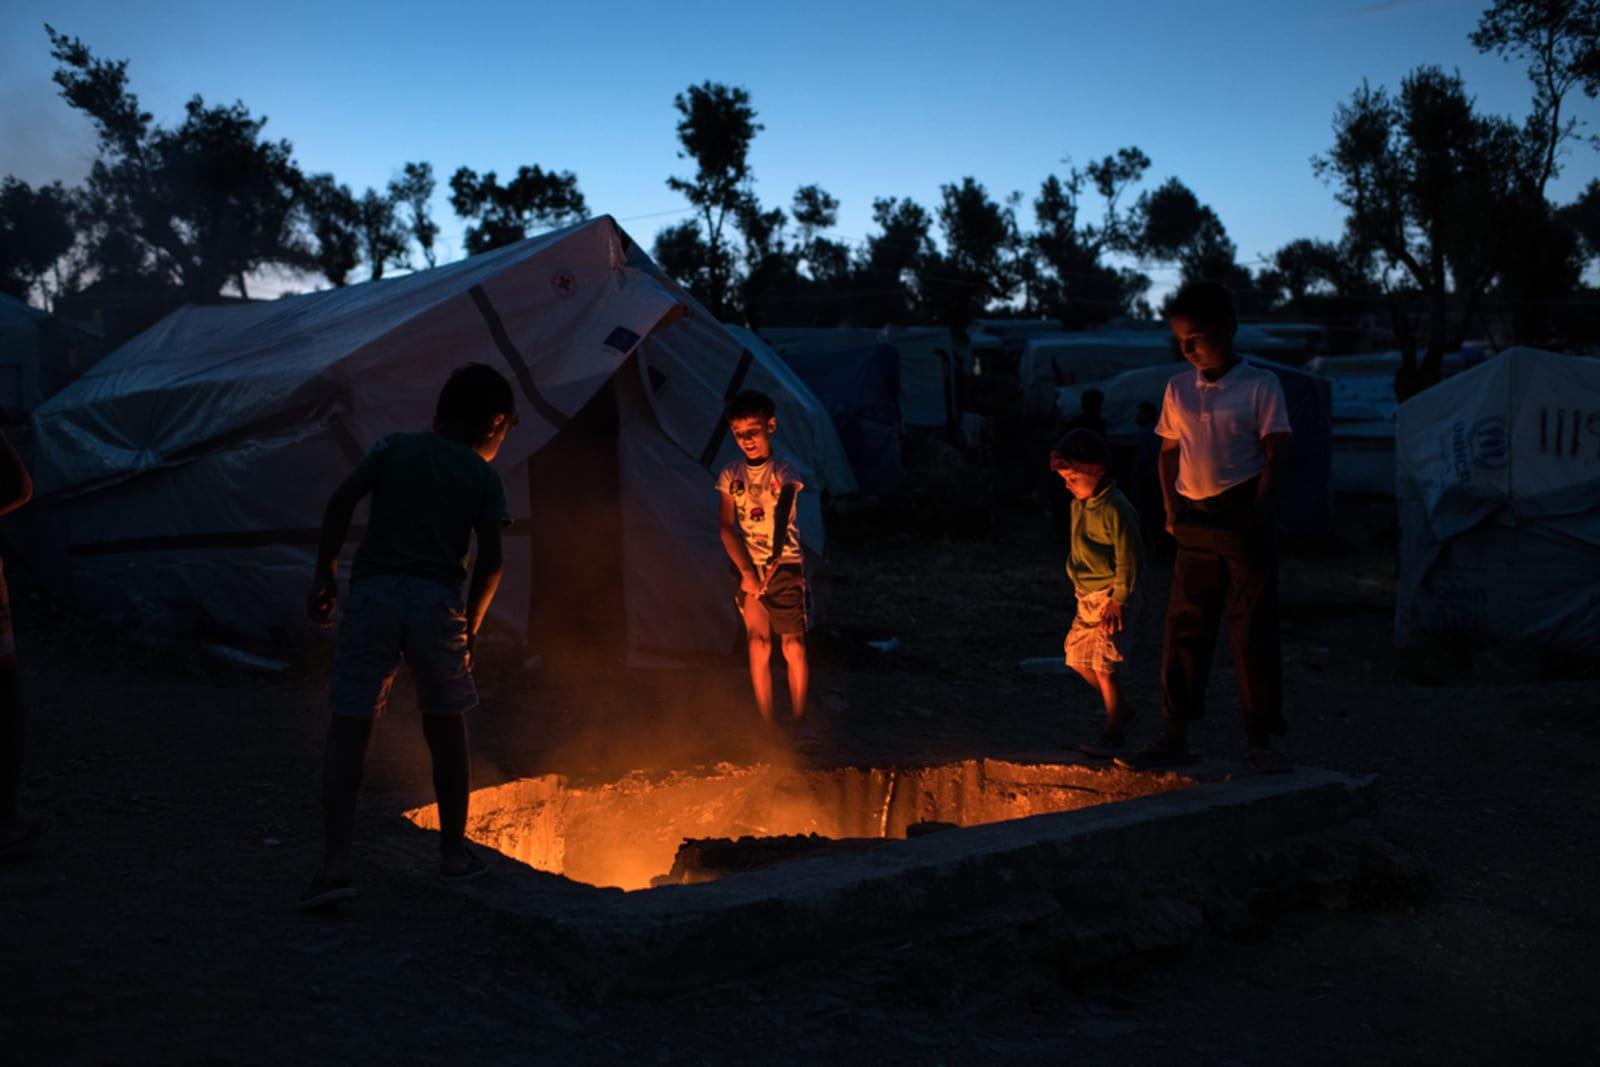 dfa78f3a Hellas: Unntakstilstand i flyktningleiren Moria på Lesbos | Leger Uten  Grenser